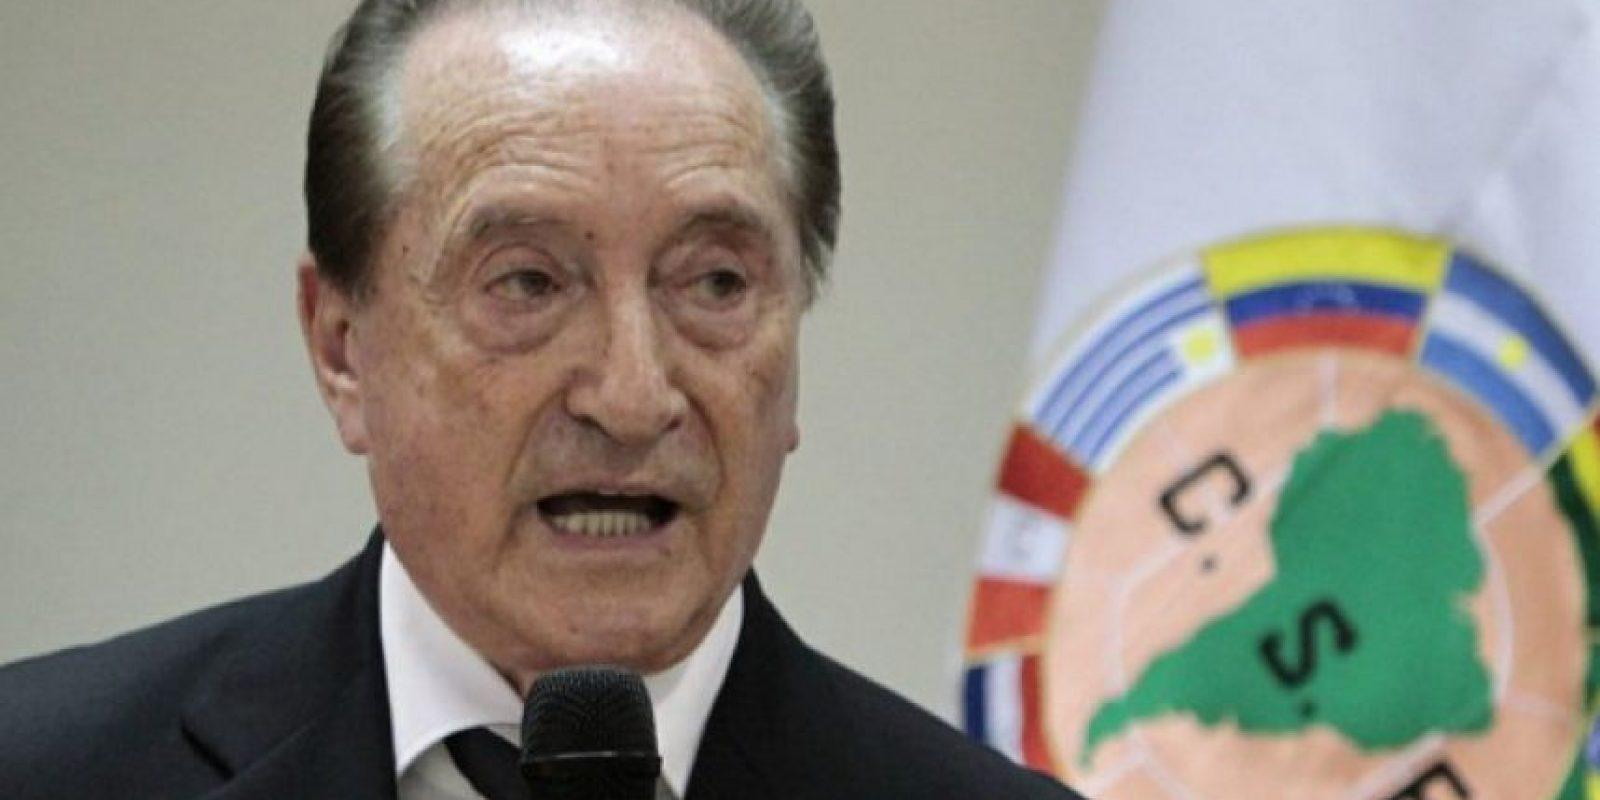 Medios uruguayos señalan que el charrúa es uno de los directivos que podría hablar sobre la corrupción para reducir su condena Foto:Getty Images